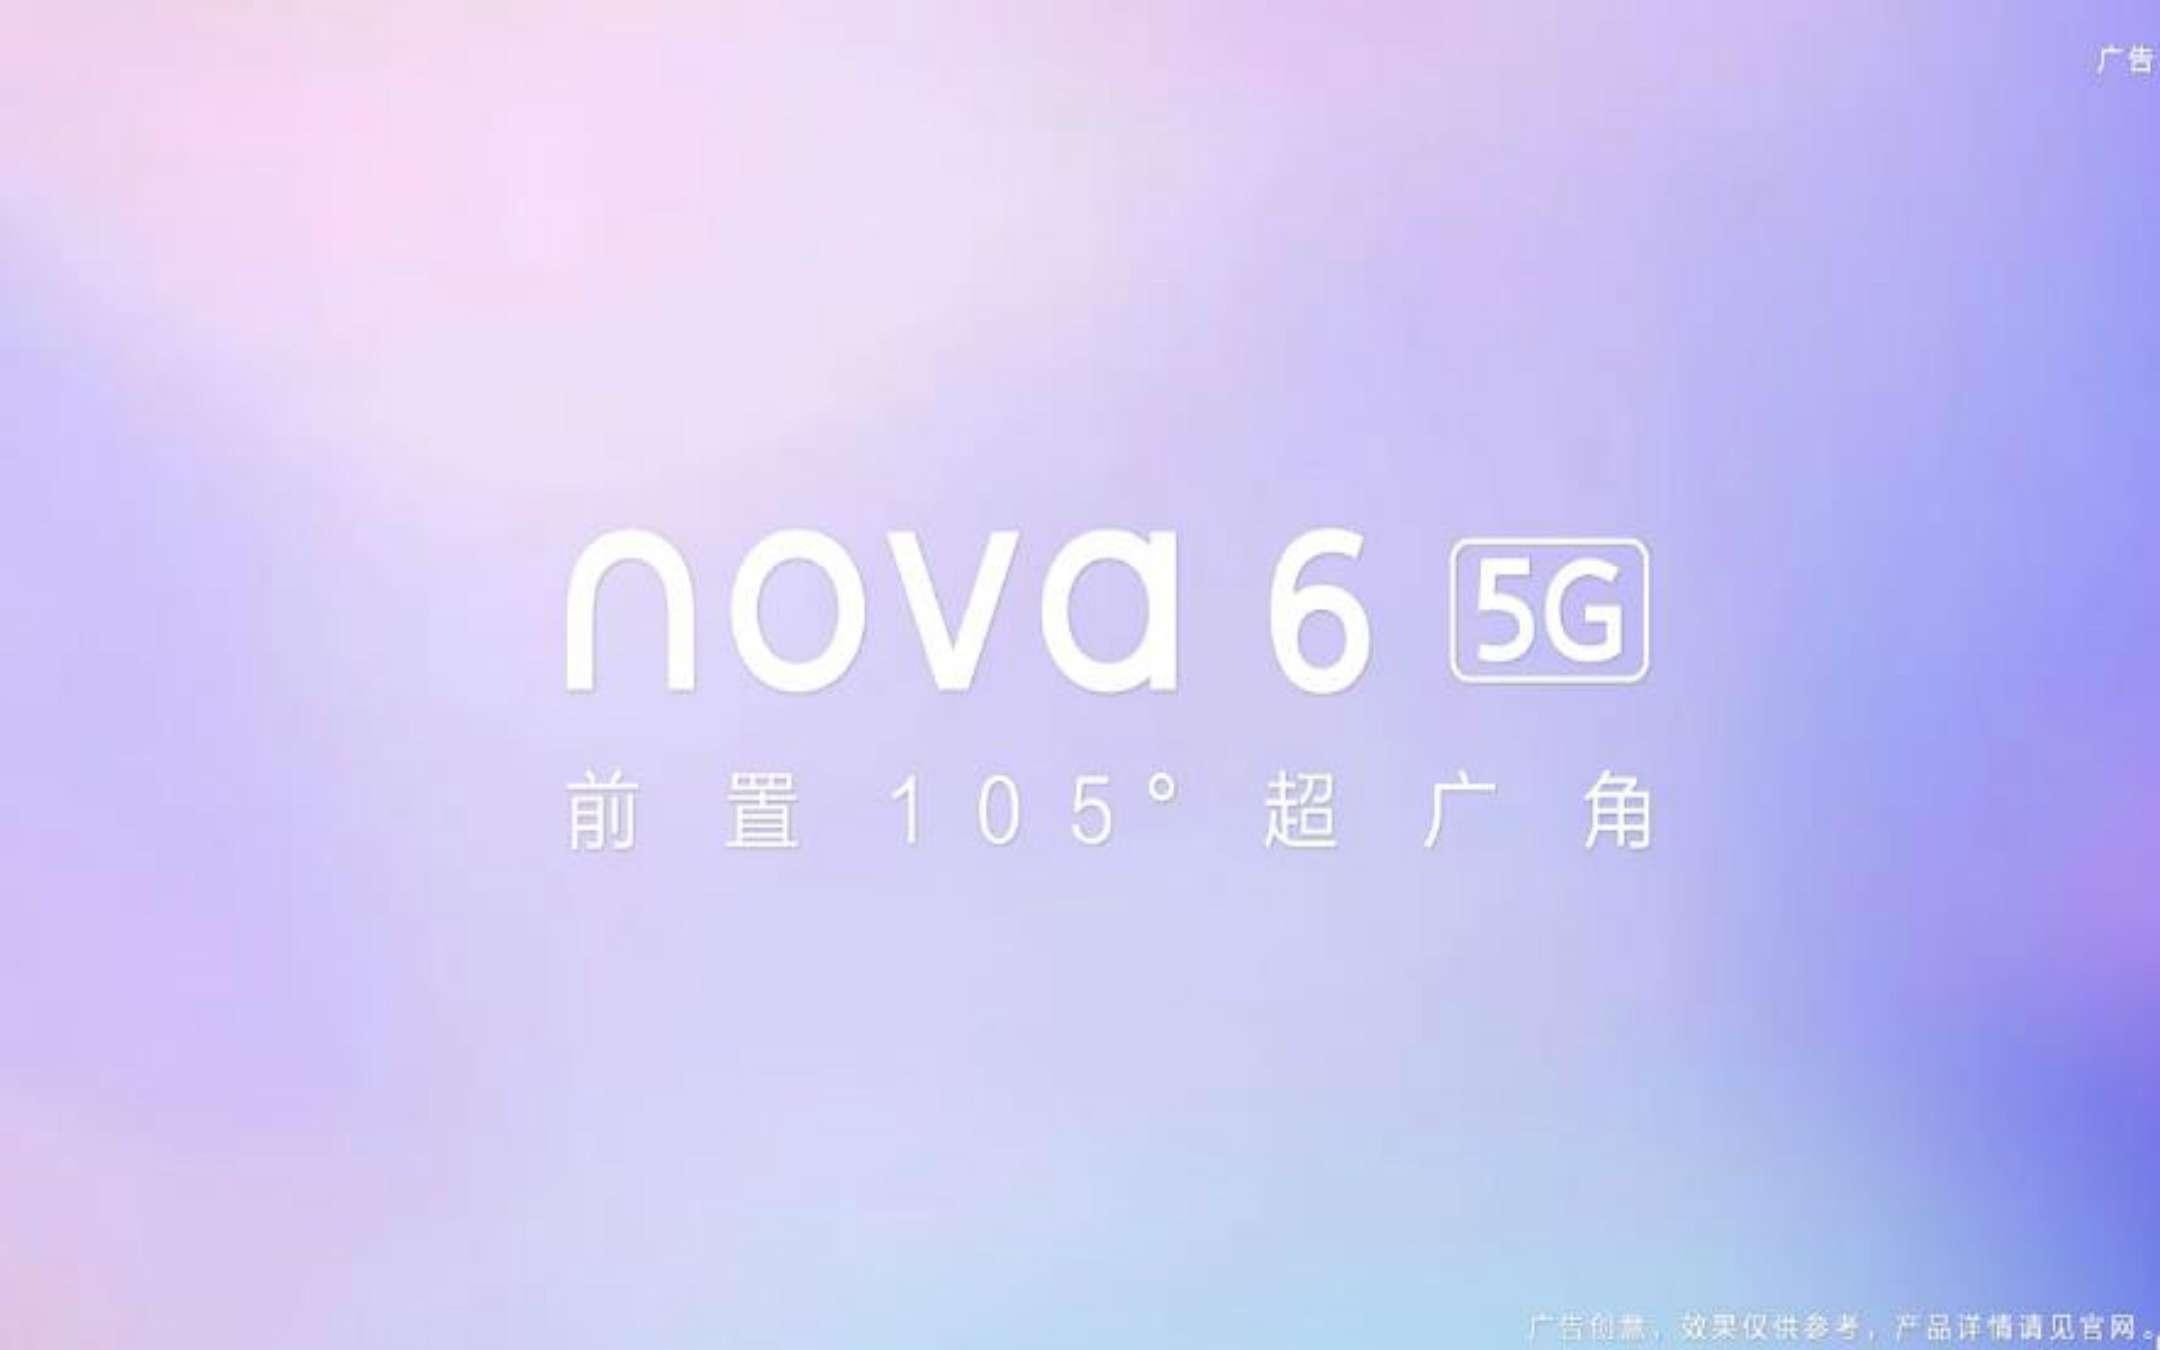 Huawei Nova 6: certificata la connettività 5G